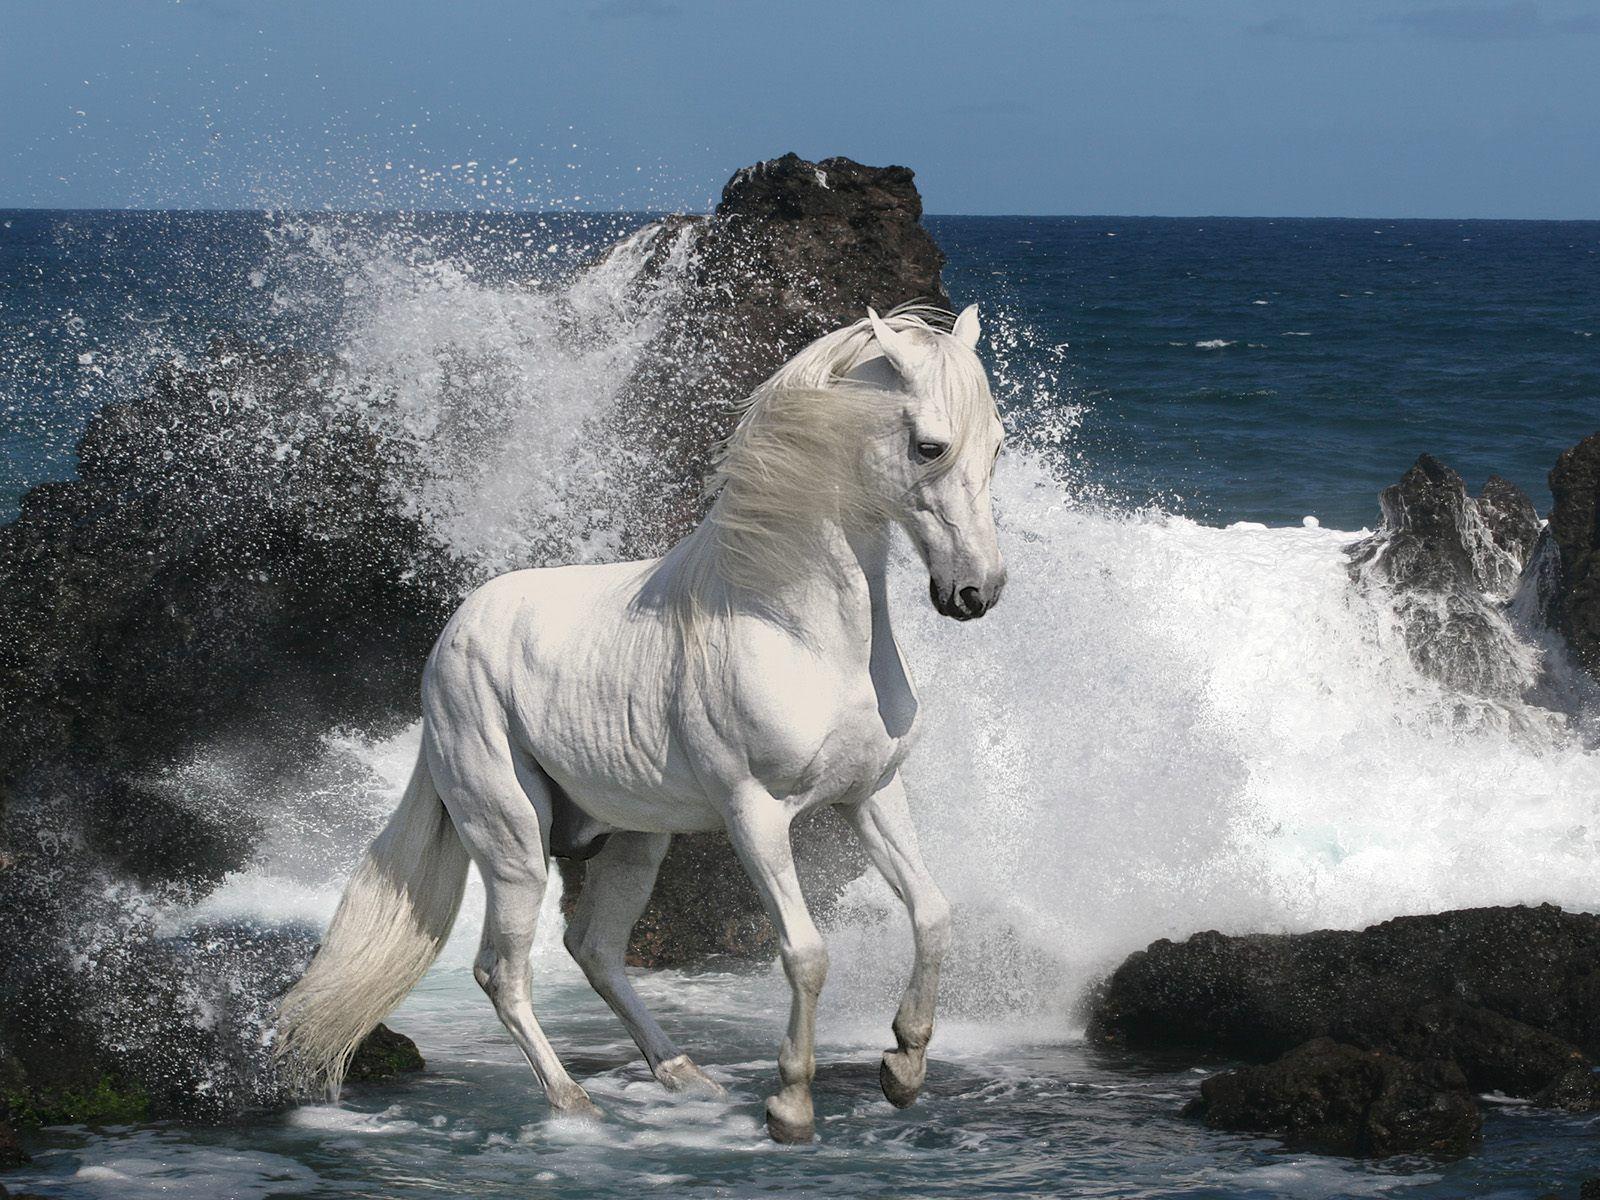 Good Wallpaper Horse Ocean - 3651229df9f232e6563057e8371fe598  You Should Have_569142.jpg